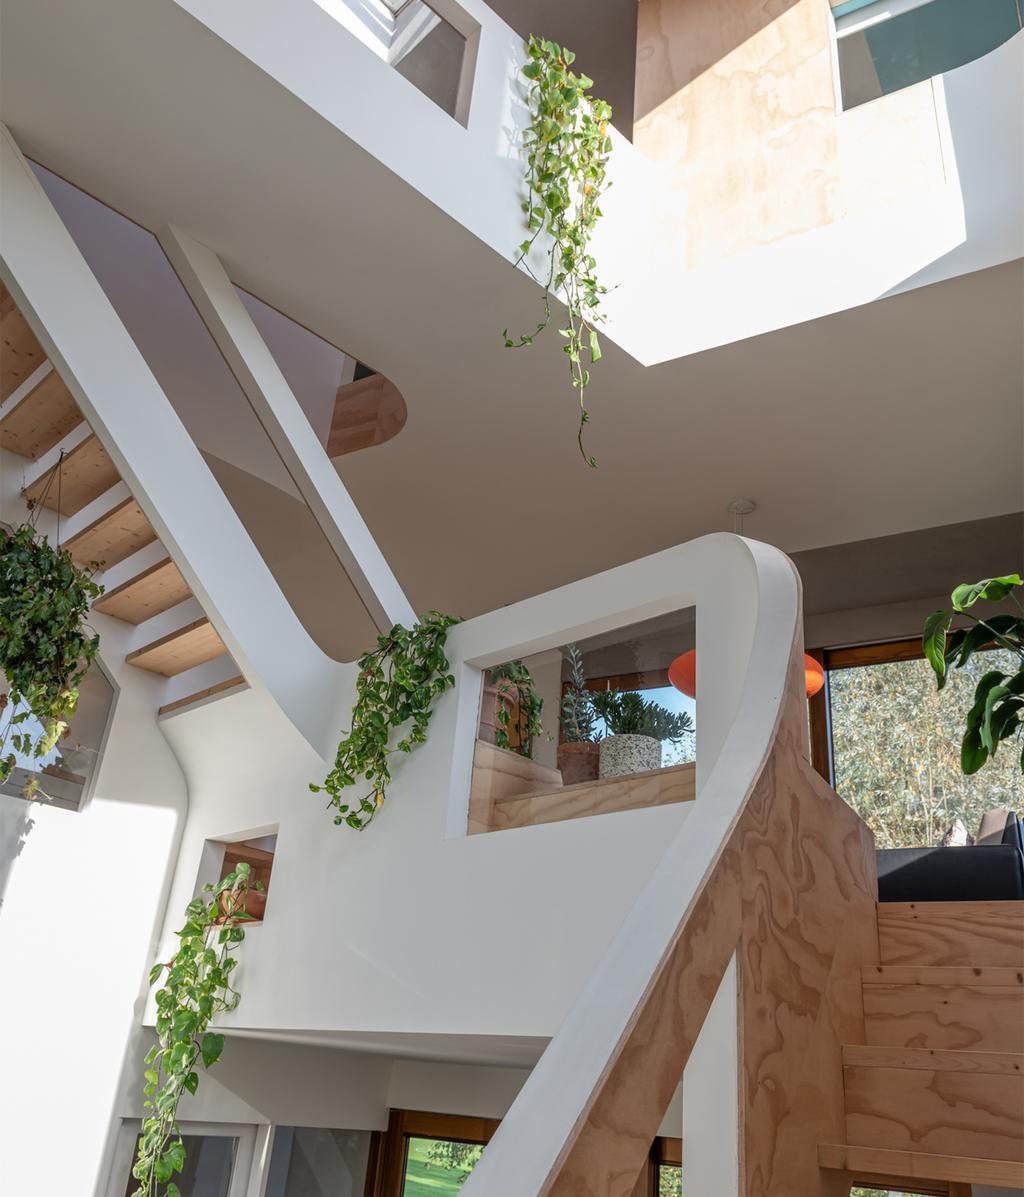 Basic interieur | Planten | vtwonen 01-2021